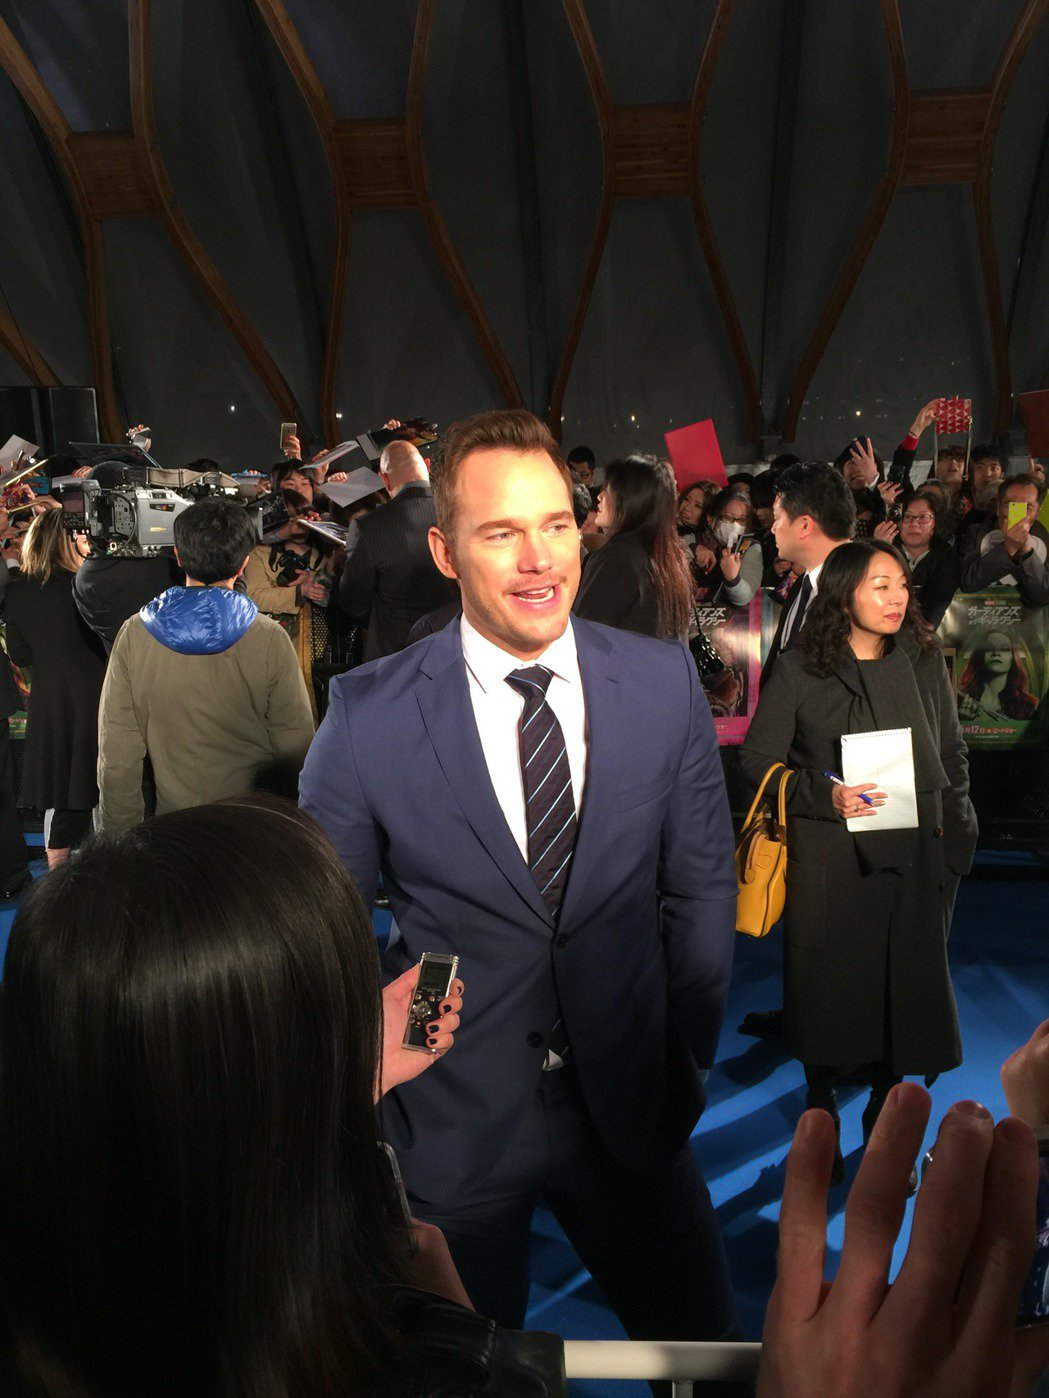 克里斯普萊特受到媒體與觀眾的歡迎。圖/迪士尼提供